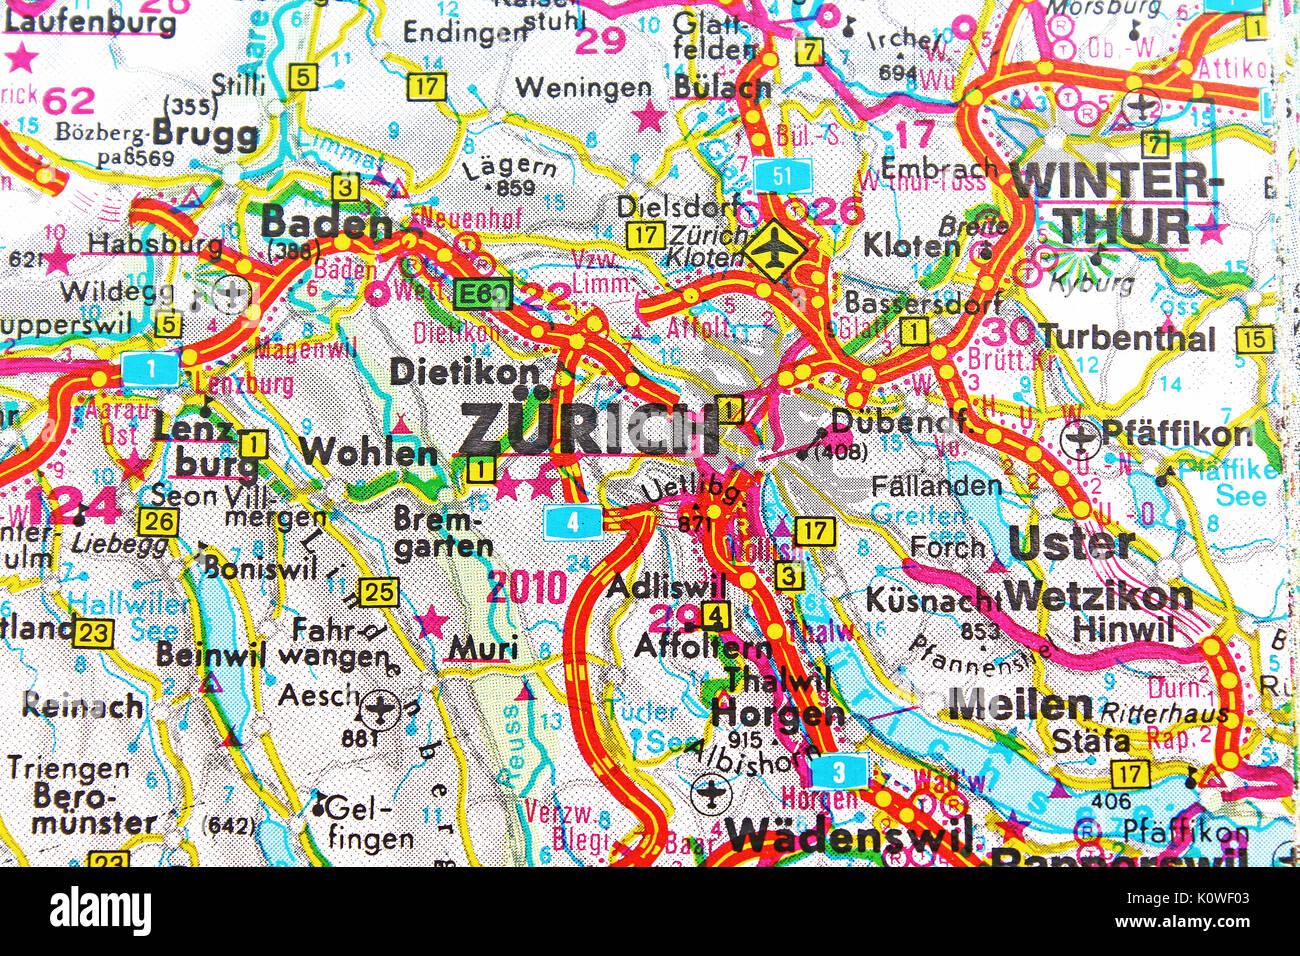 Cartina Zurigo.Zurich Zurich Mappa Mappa Della Citta Mappa Stradale Foto Stock Alamy